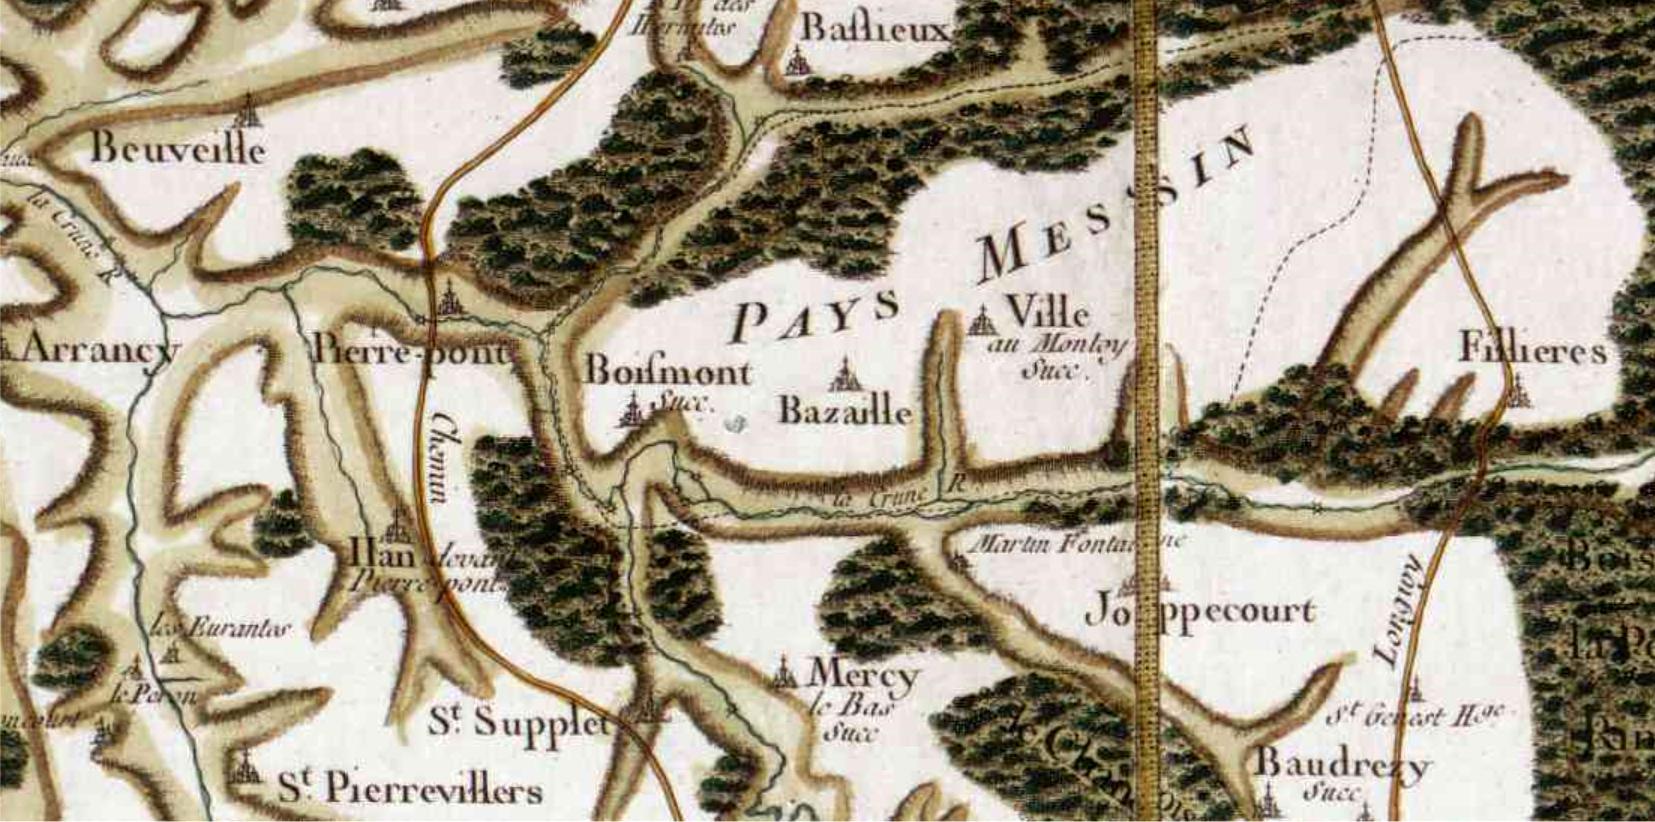 Bazailles 54 cassini